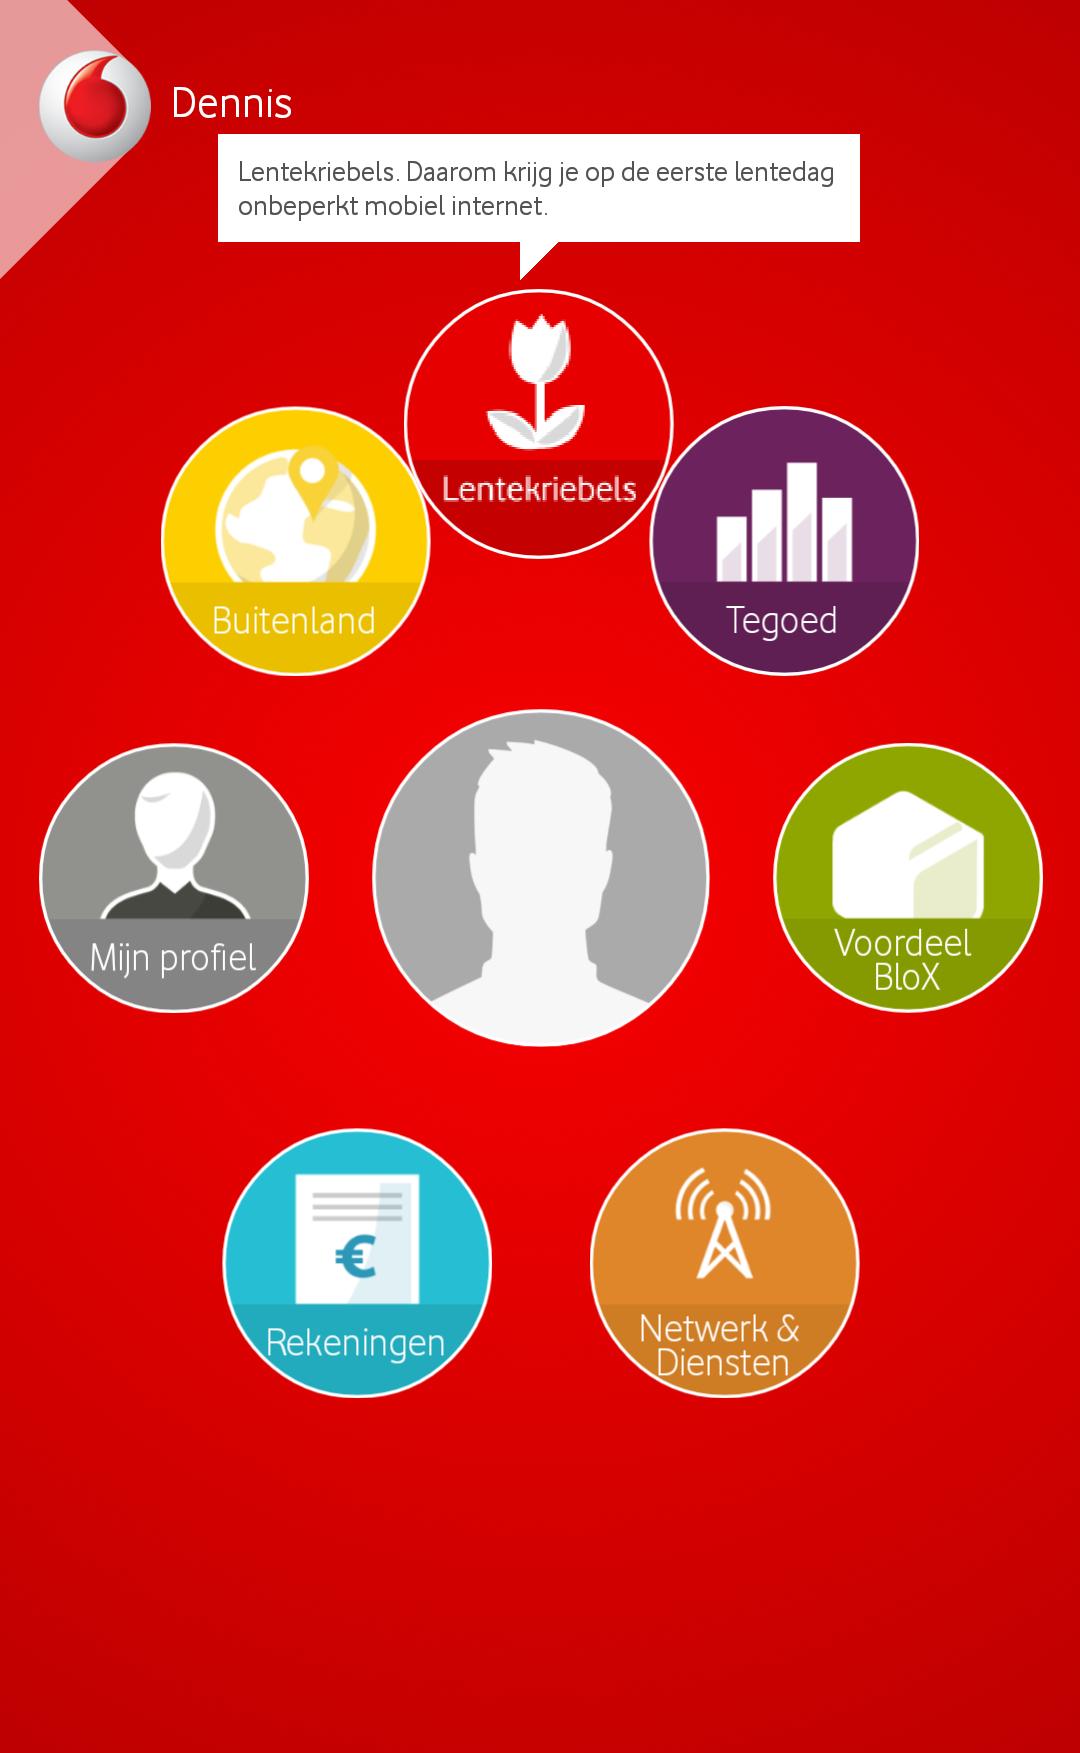 Lentekriebels - onbeperkt internet op de eerste lentedag (20 maart) @ Vodafone